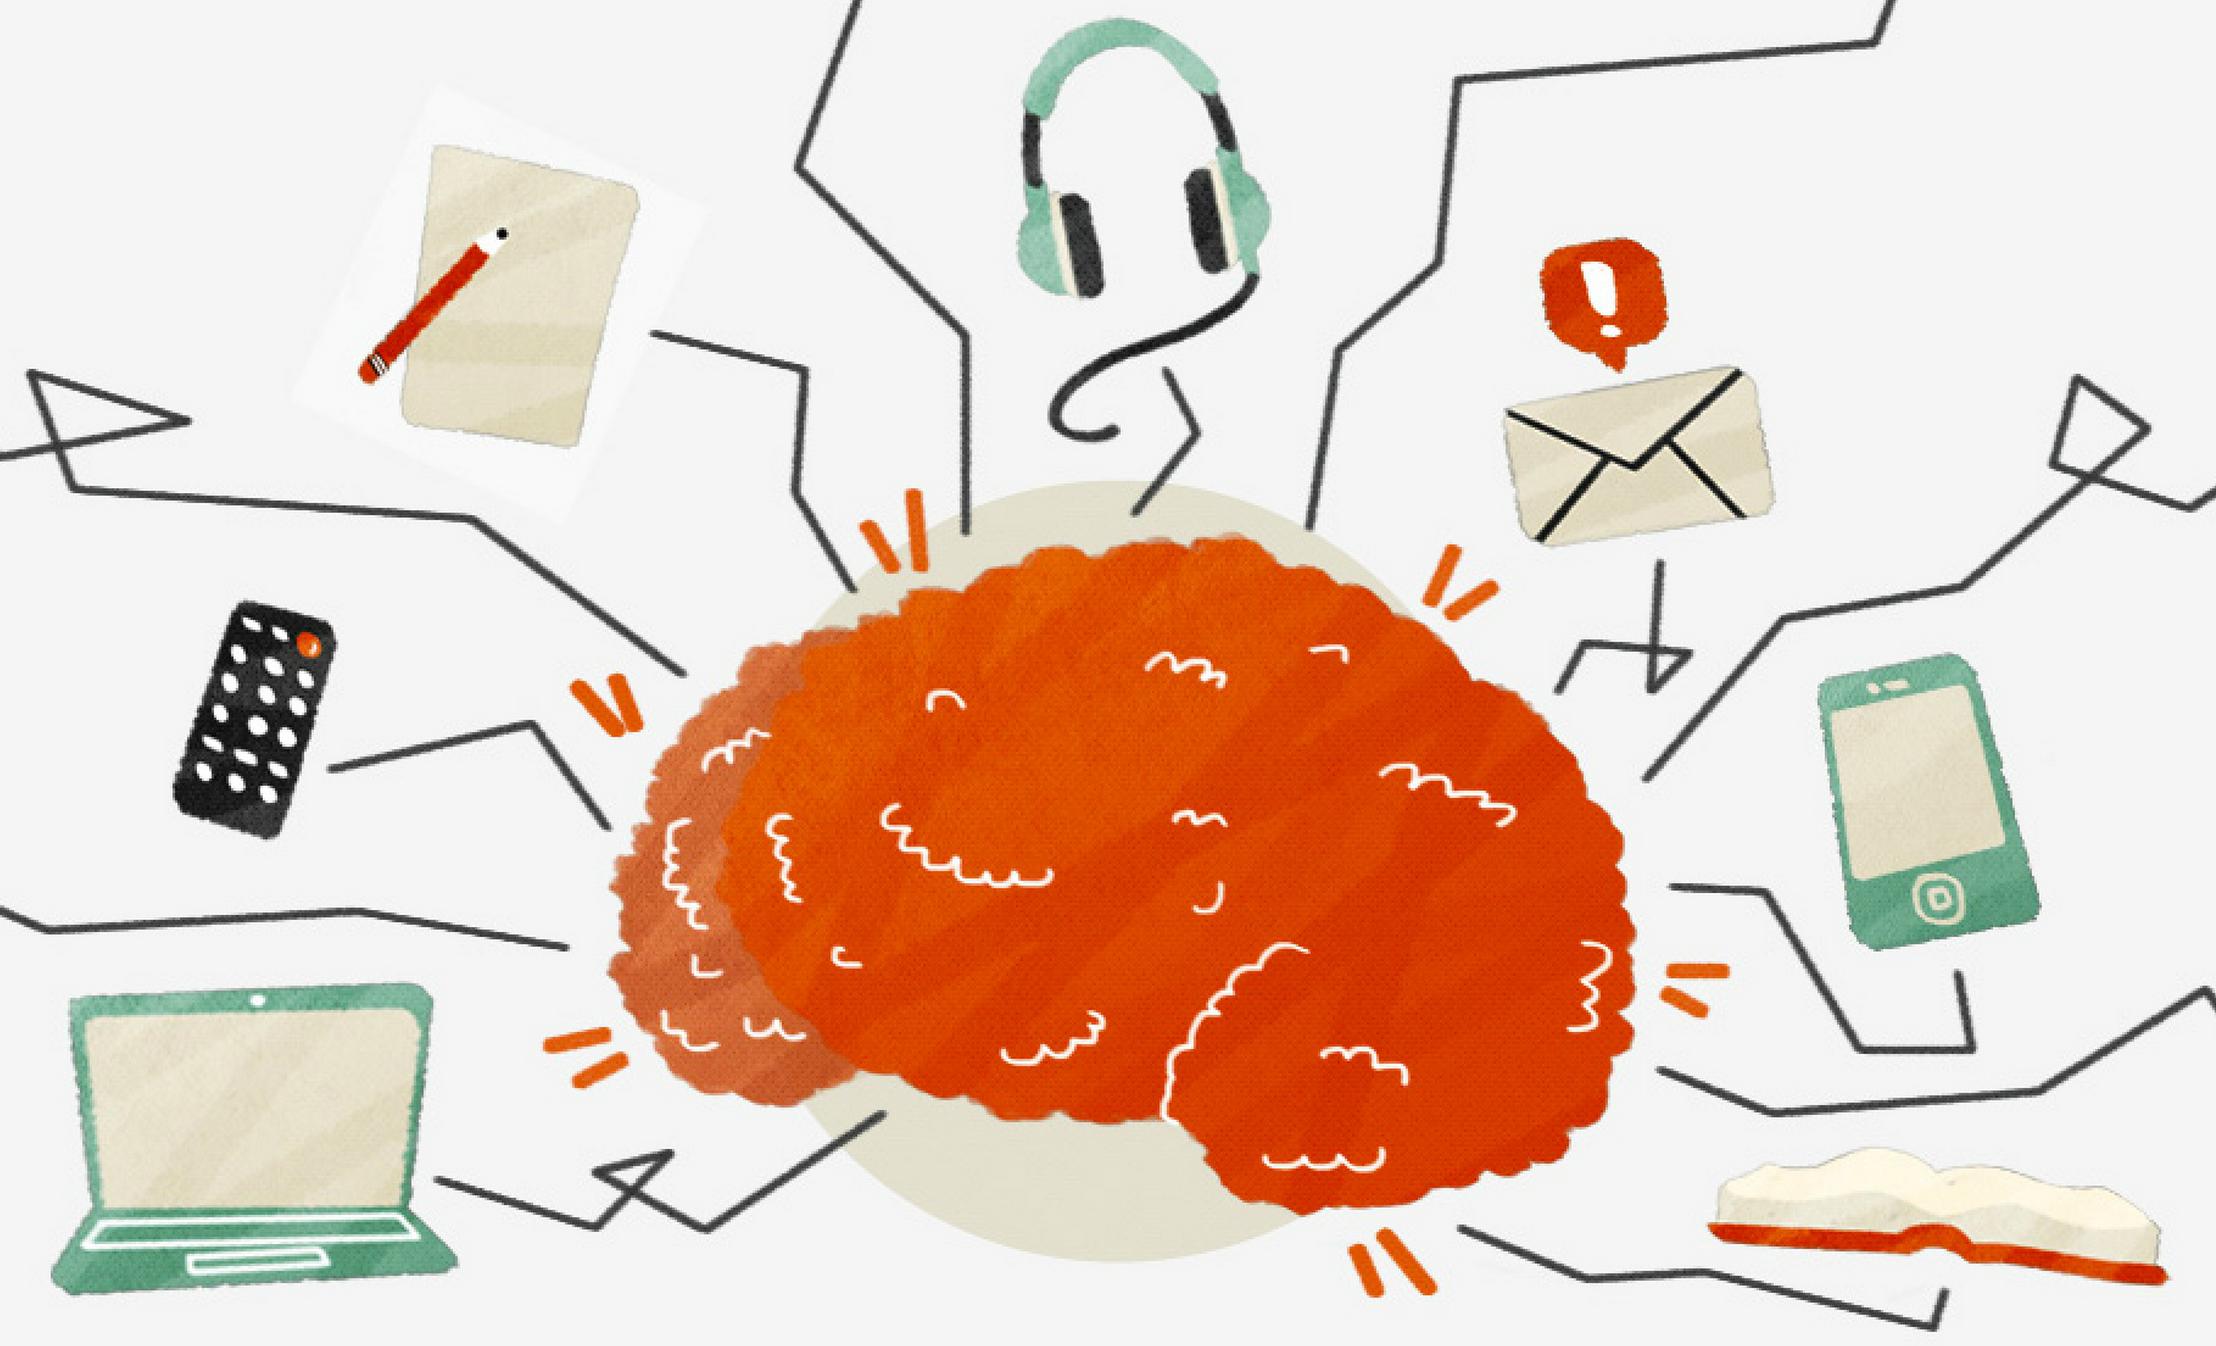 Náš mozog je denne vystavený tisícom rôznych podnetov. Aké sú najlepšie stratégie na vyhnutie sa neefektívneho ?